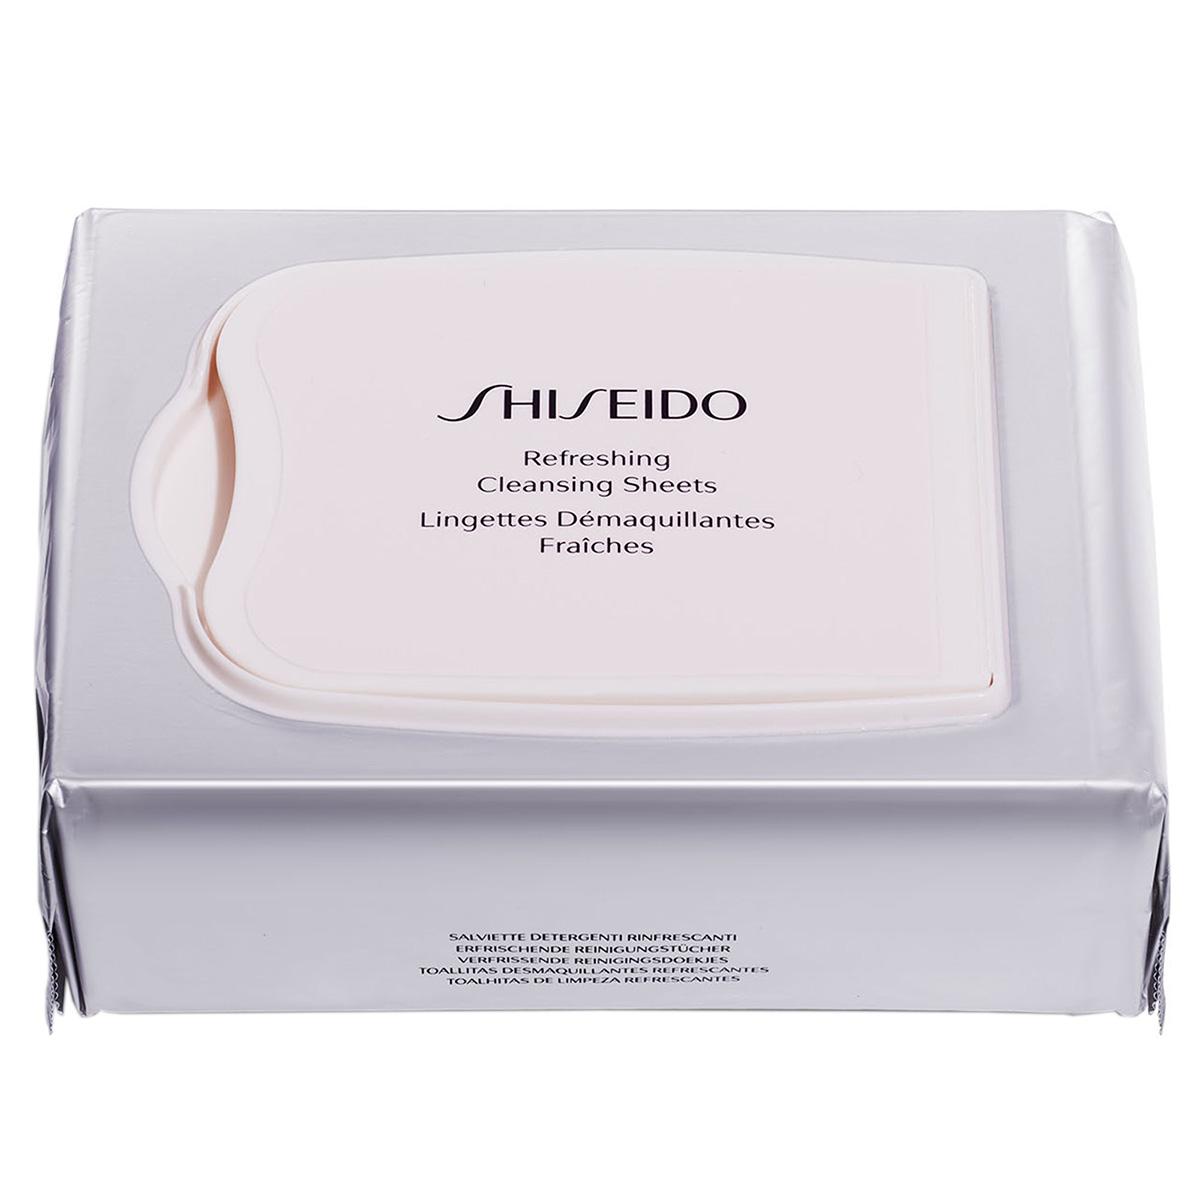 Shiseido - Lingettes Démaquillantes Fraîches - 30 lingettes